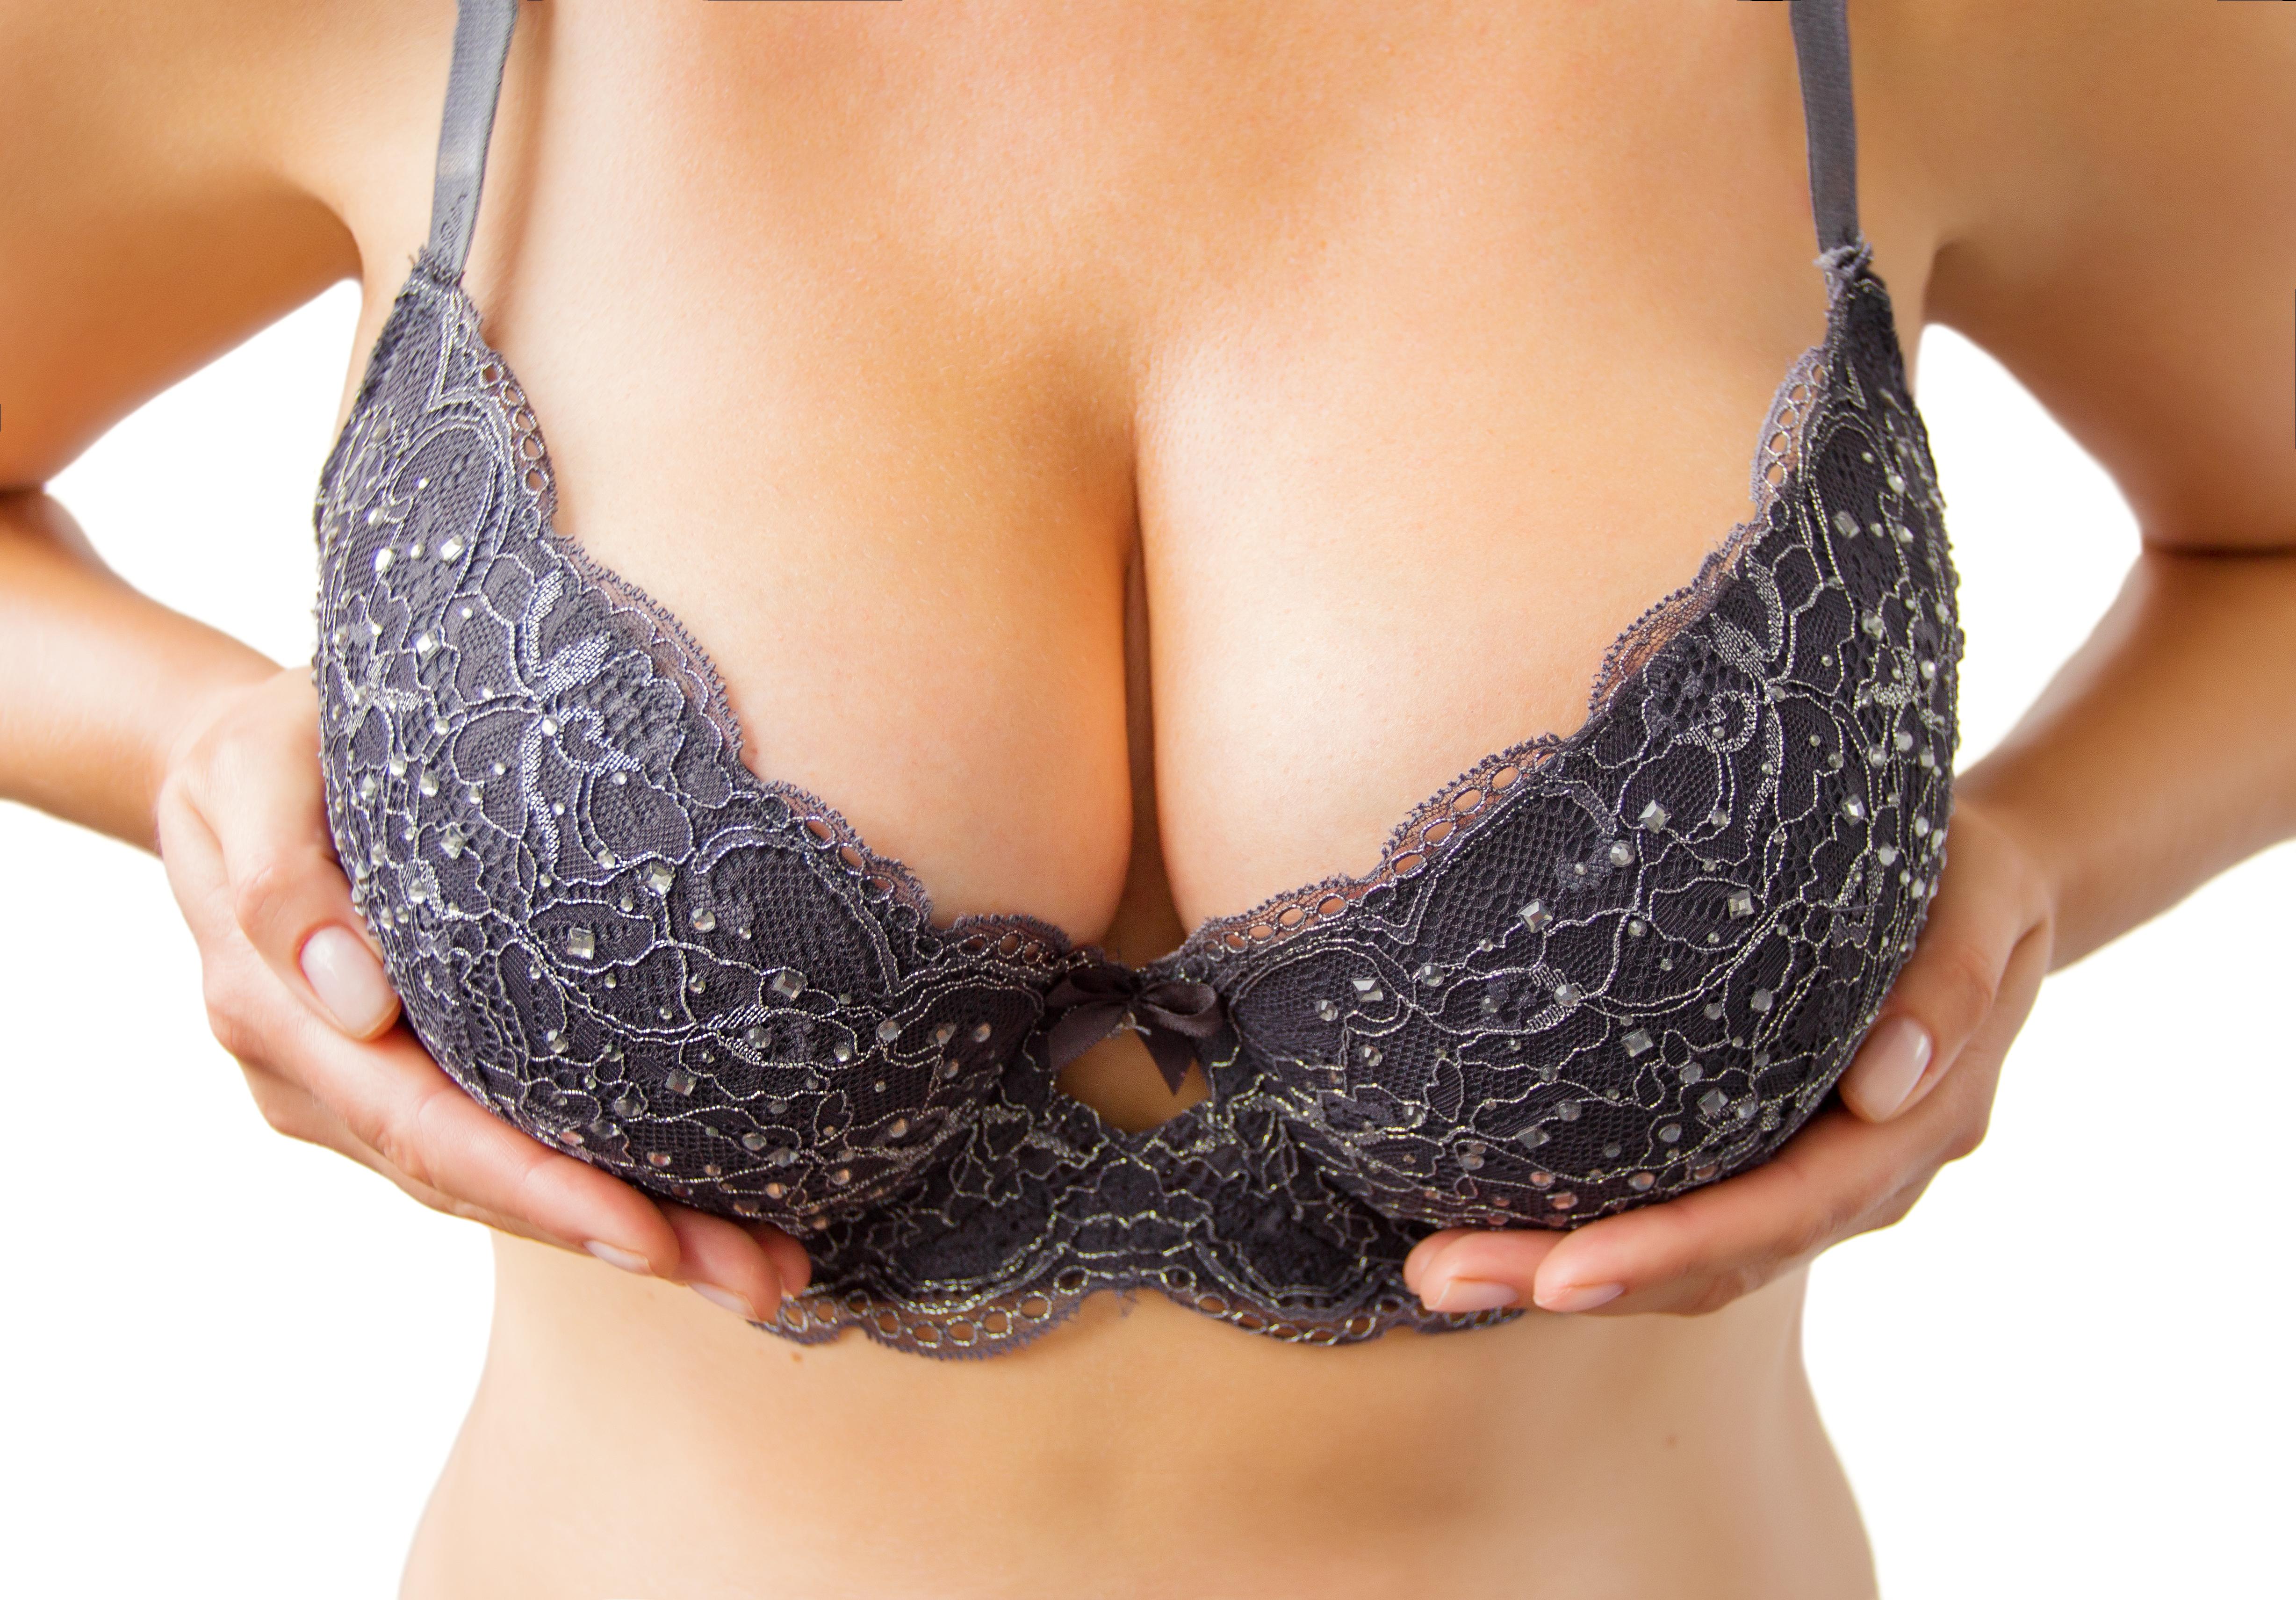 Женская грудь виды фото большая обошлось без